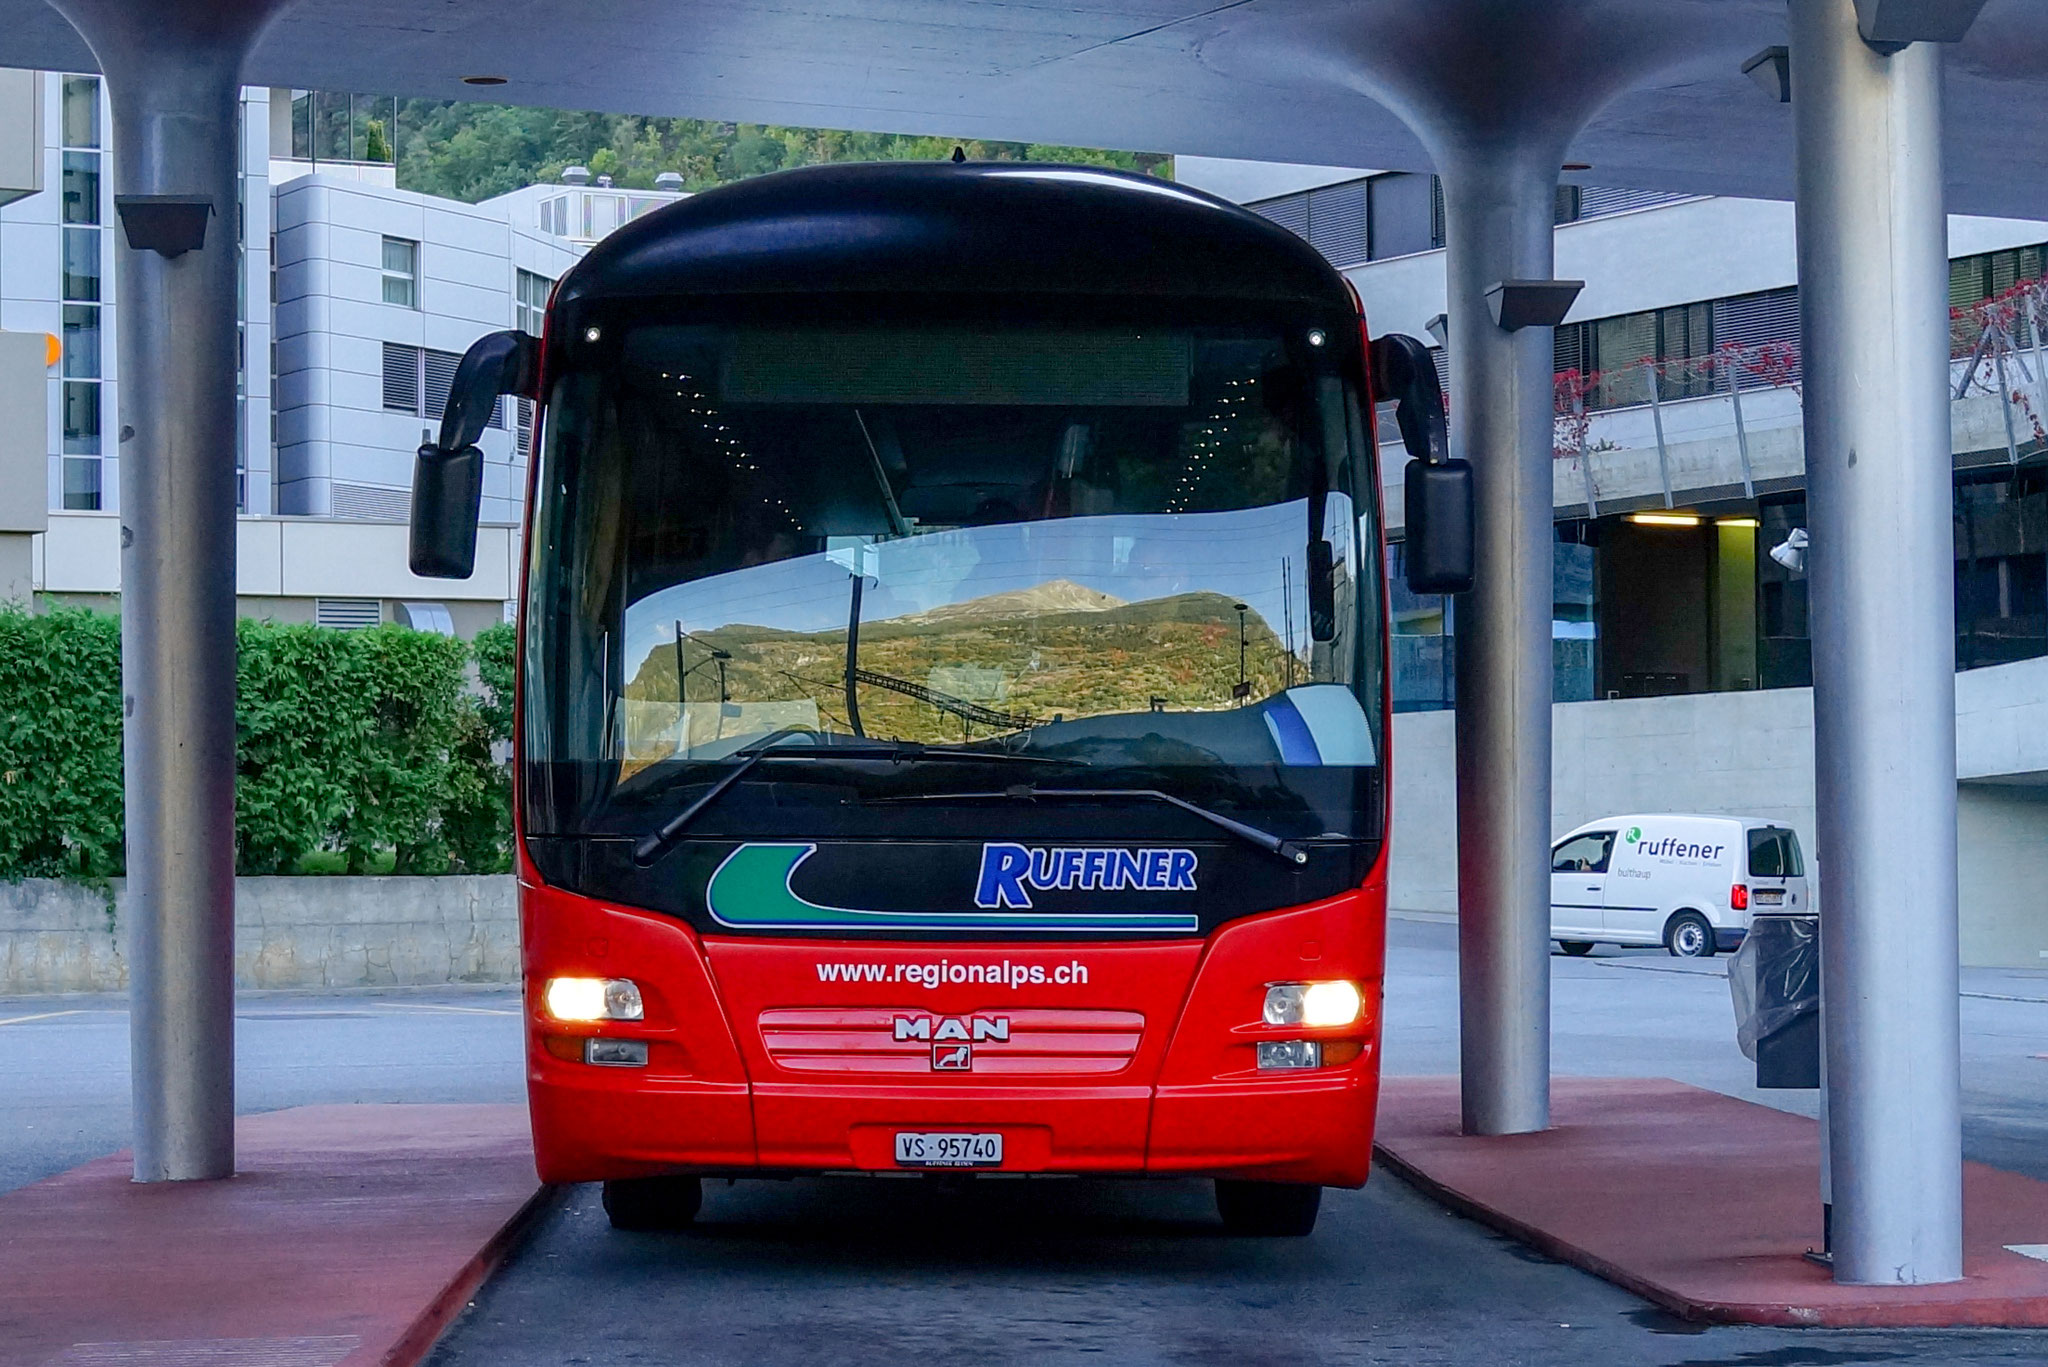 Diese Buslinie fährt vom Bahnhof Visp direkt zur Talstation der Seilbahn